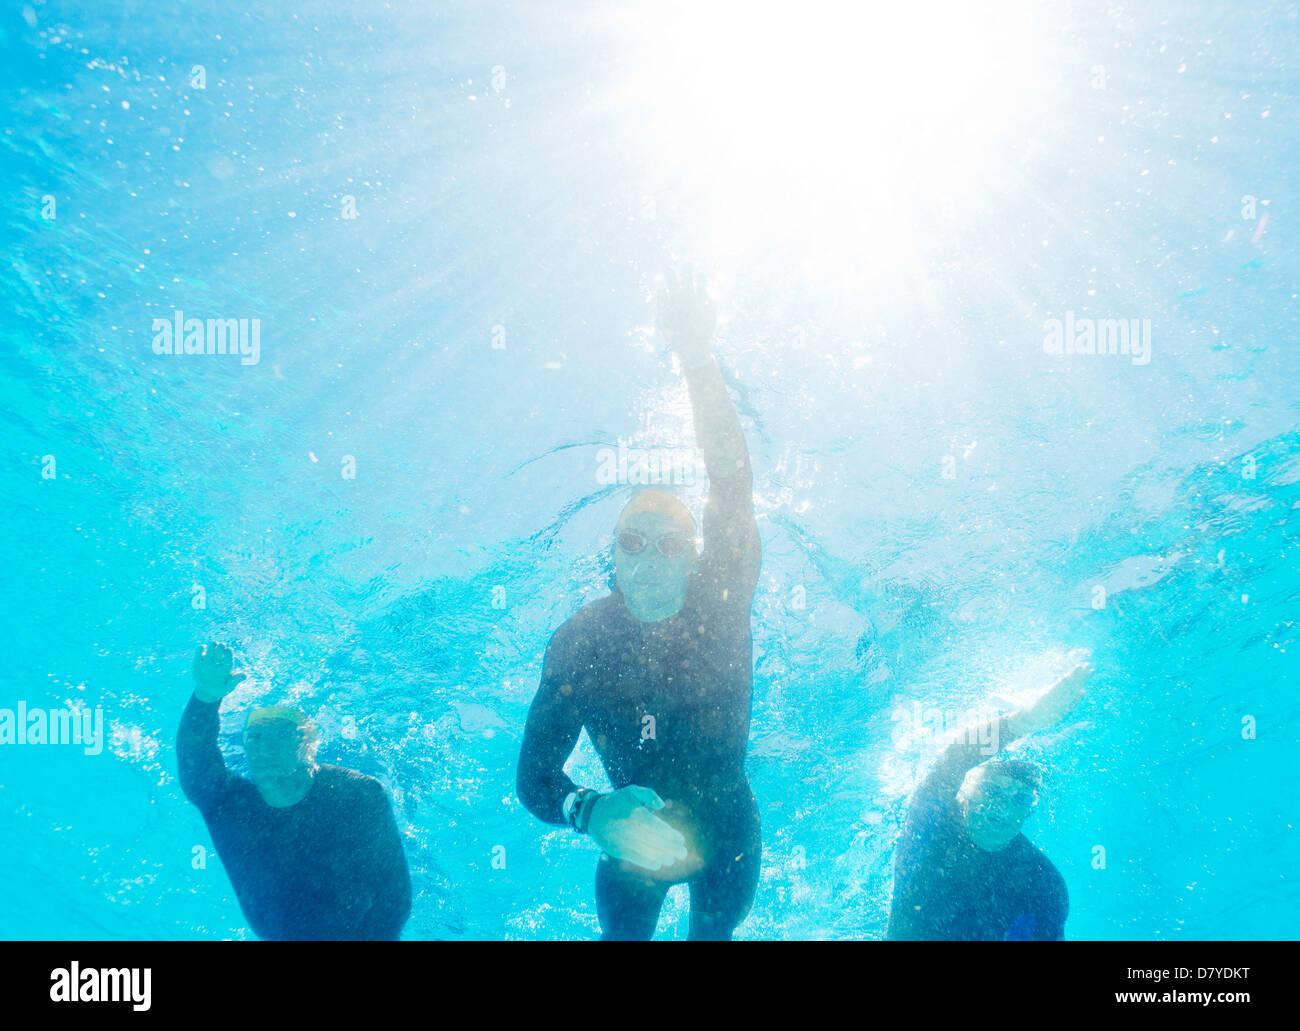 Les triathlètes en combis underwater Banque D'Images